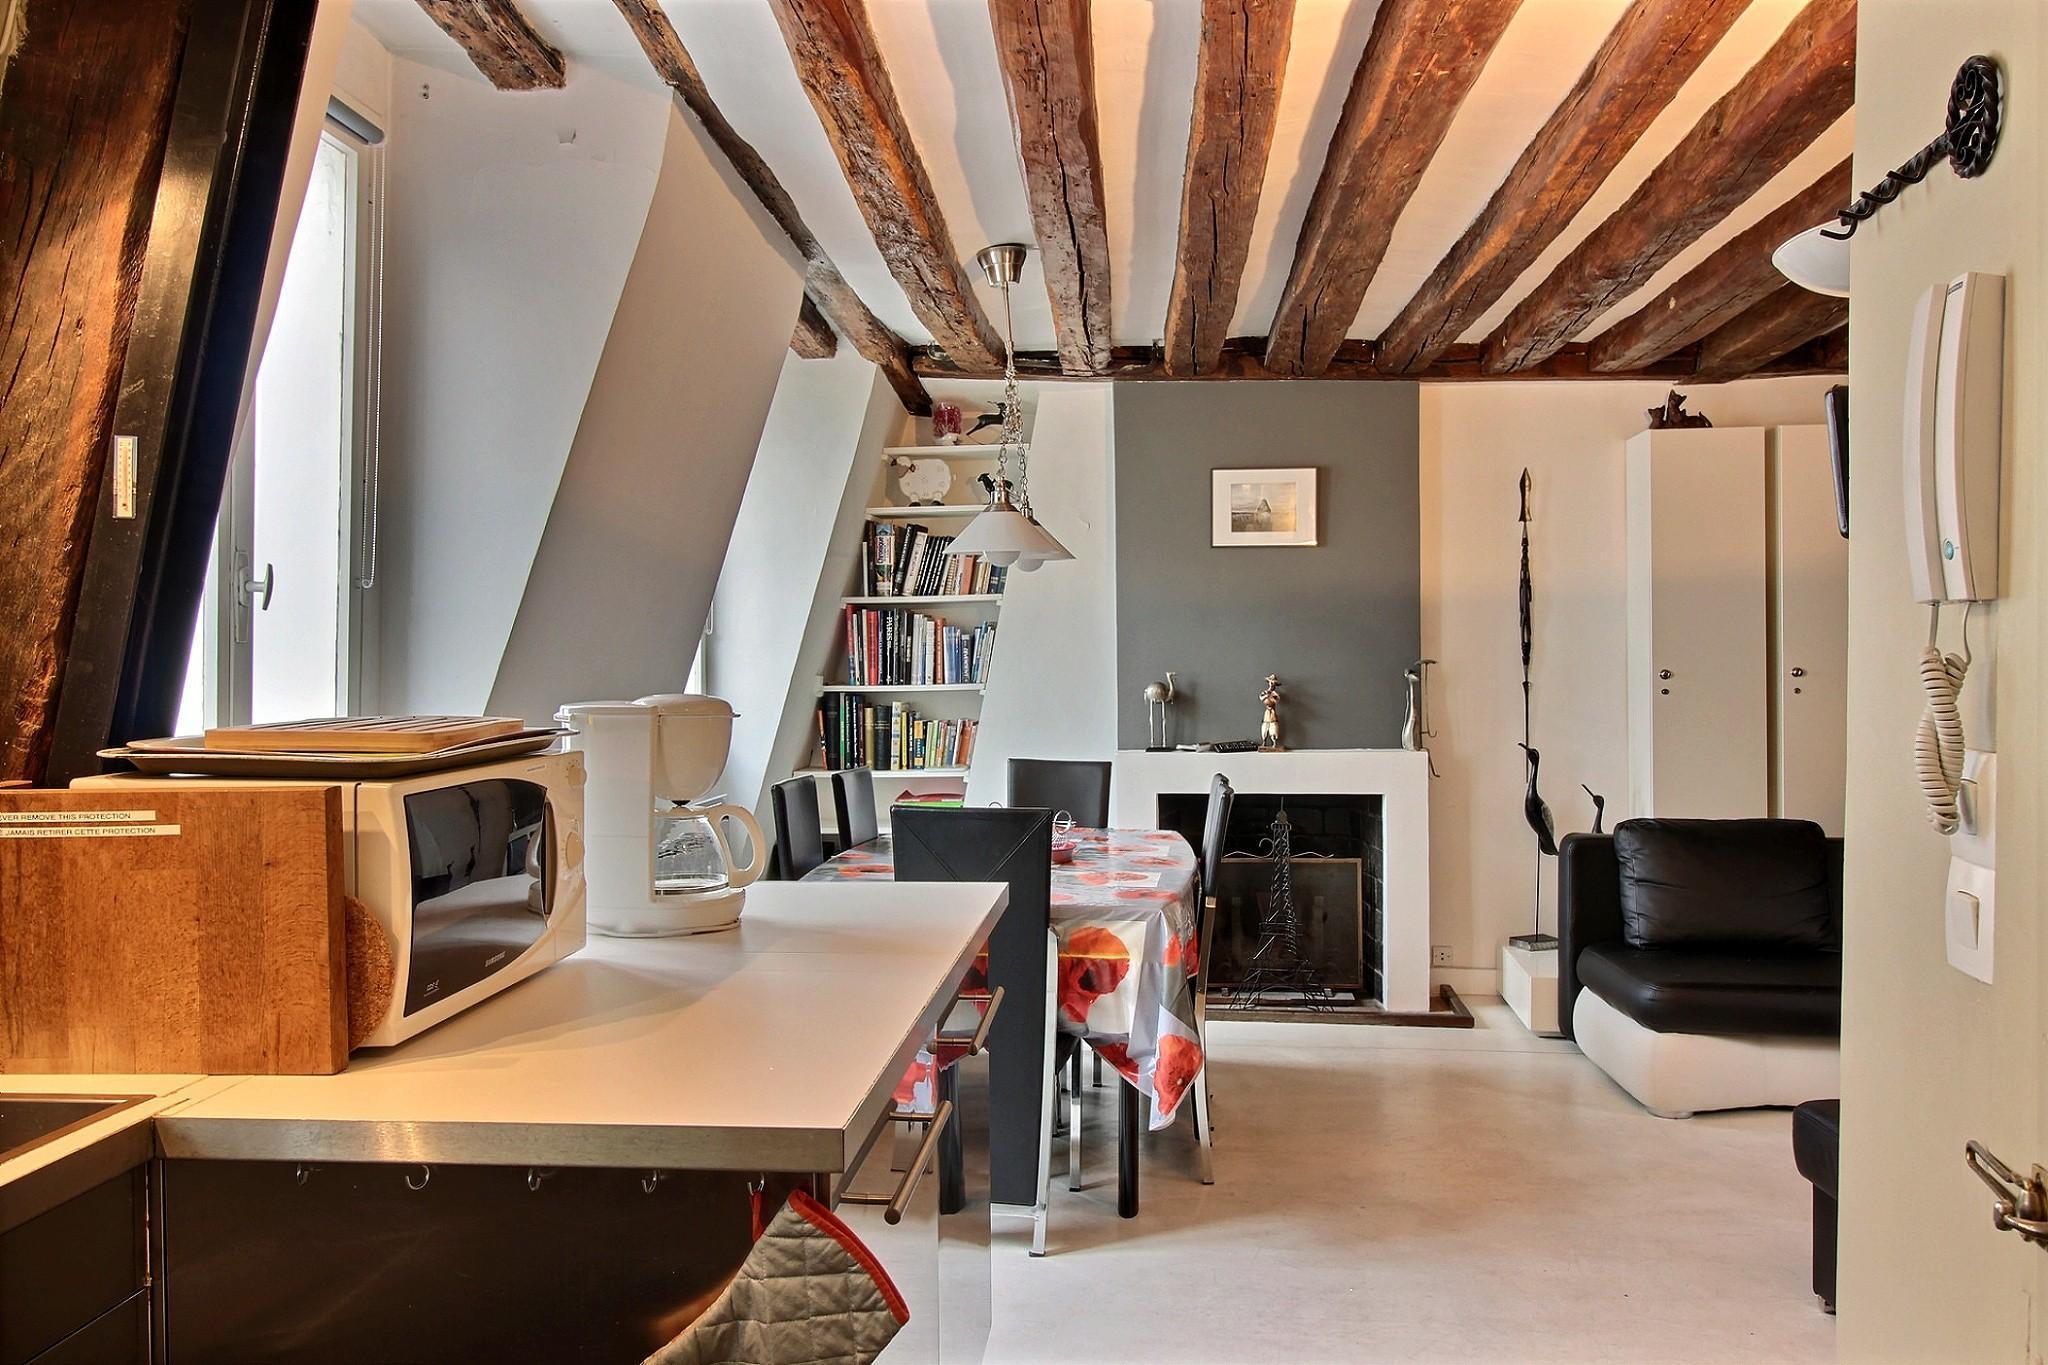 202428 - Appartement 6 personnes Montorgueil